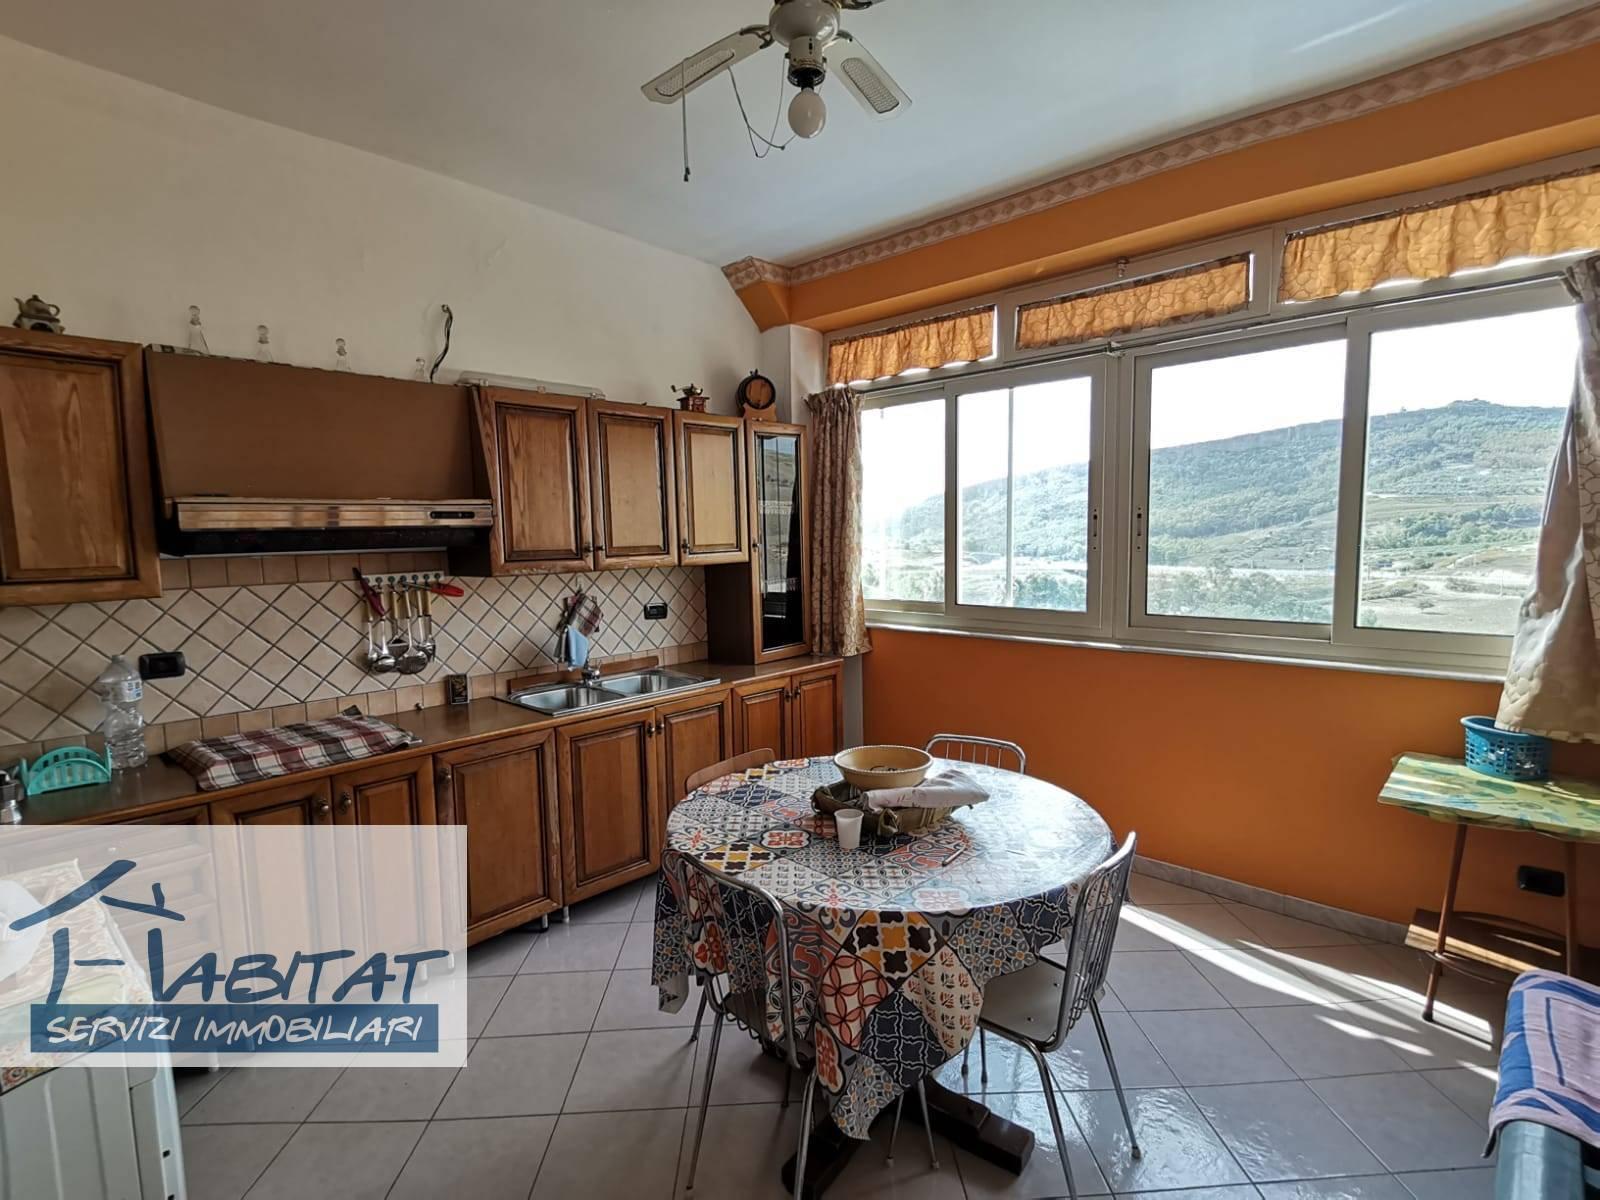 agrigento vendita quart: periferia habitat-immobiliare